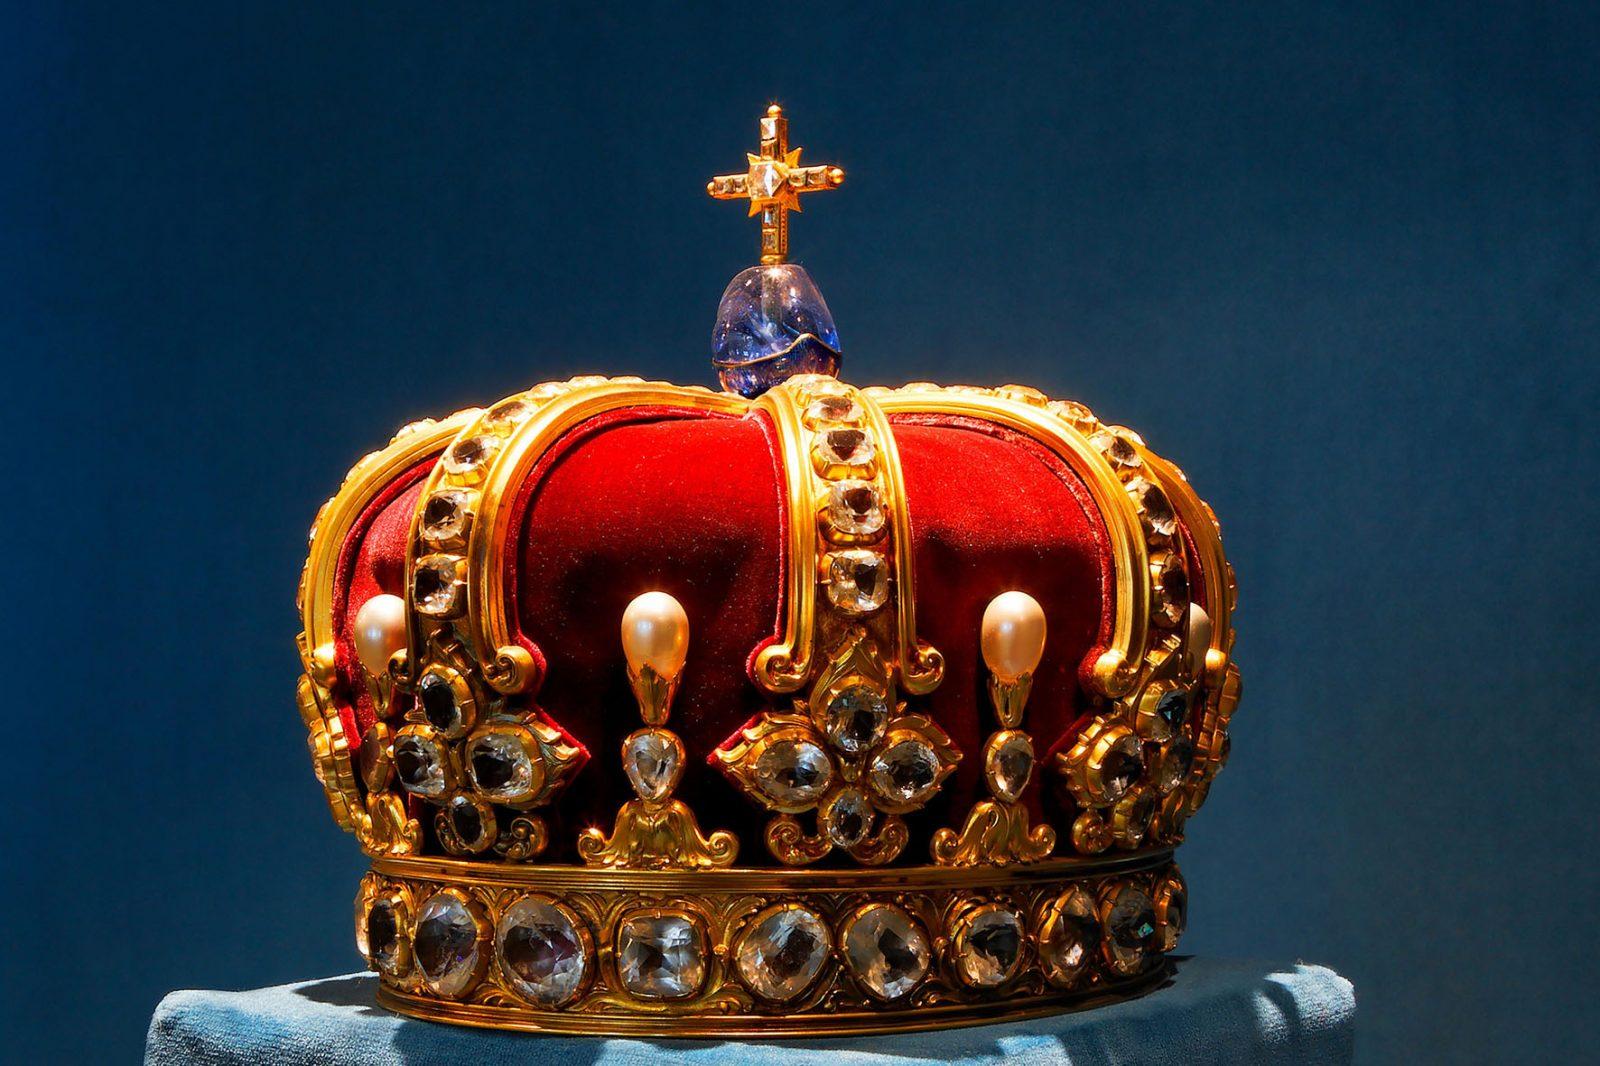 Die preußische Königskrone, die zur Krönung Friedrichs I. 1701 verwendet wurde. Noch brauchbar für das Deutsche Reich? Foto: picture alliance / dpa | Haus Hohenzollern